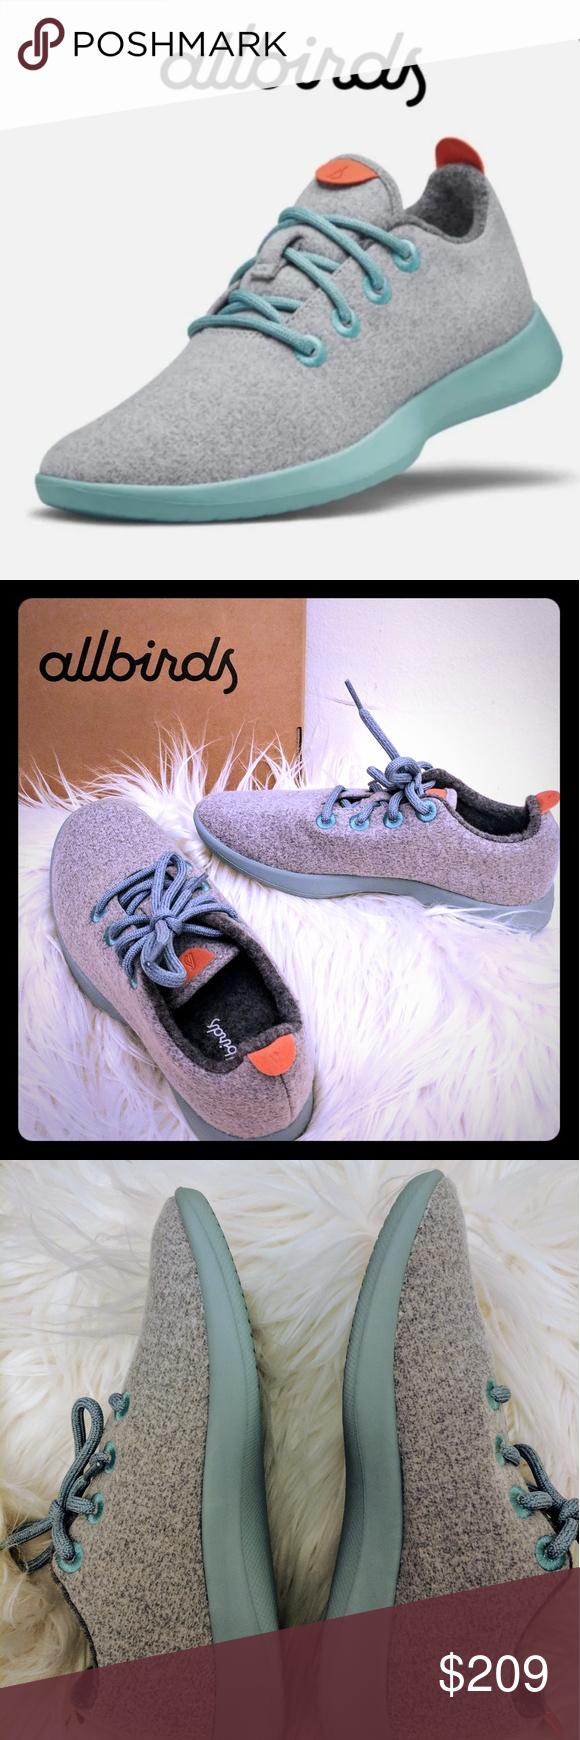 Limited Edition Allbirds Wool Runner